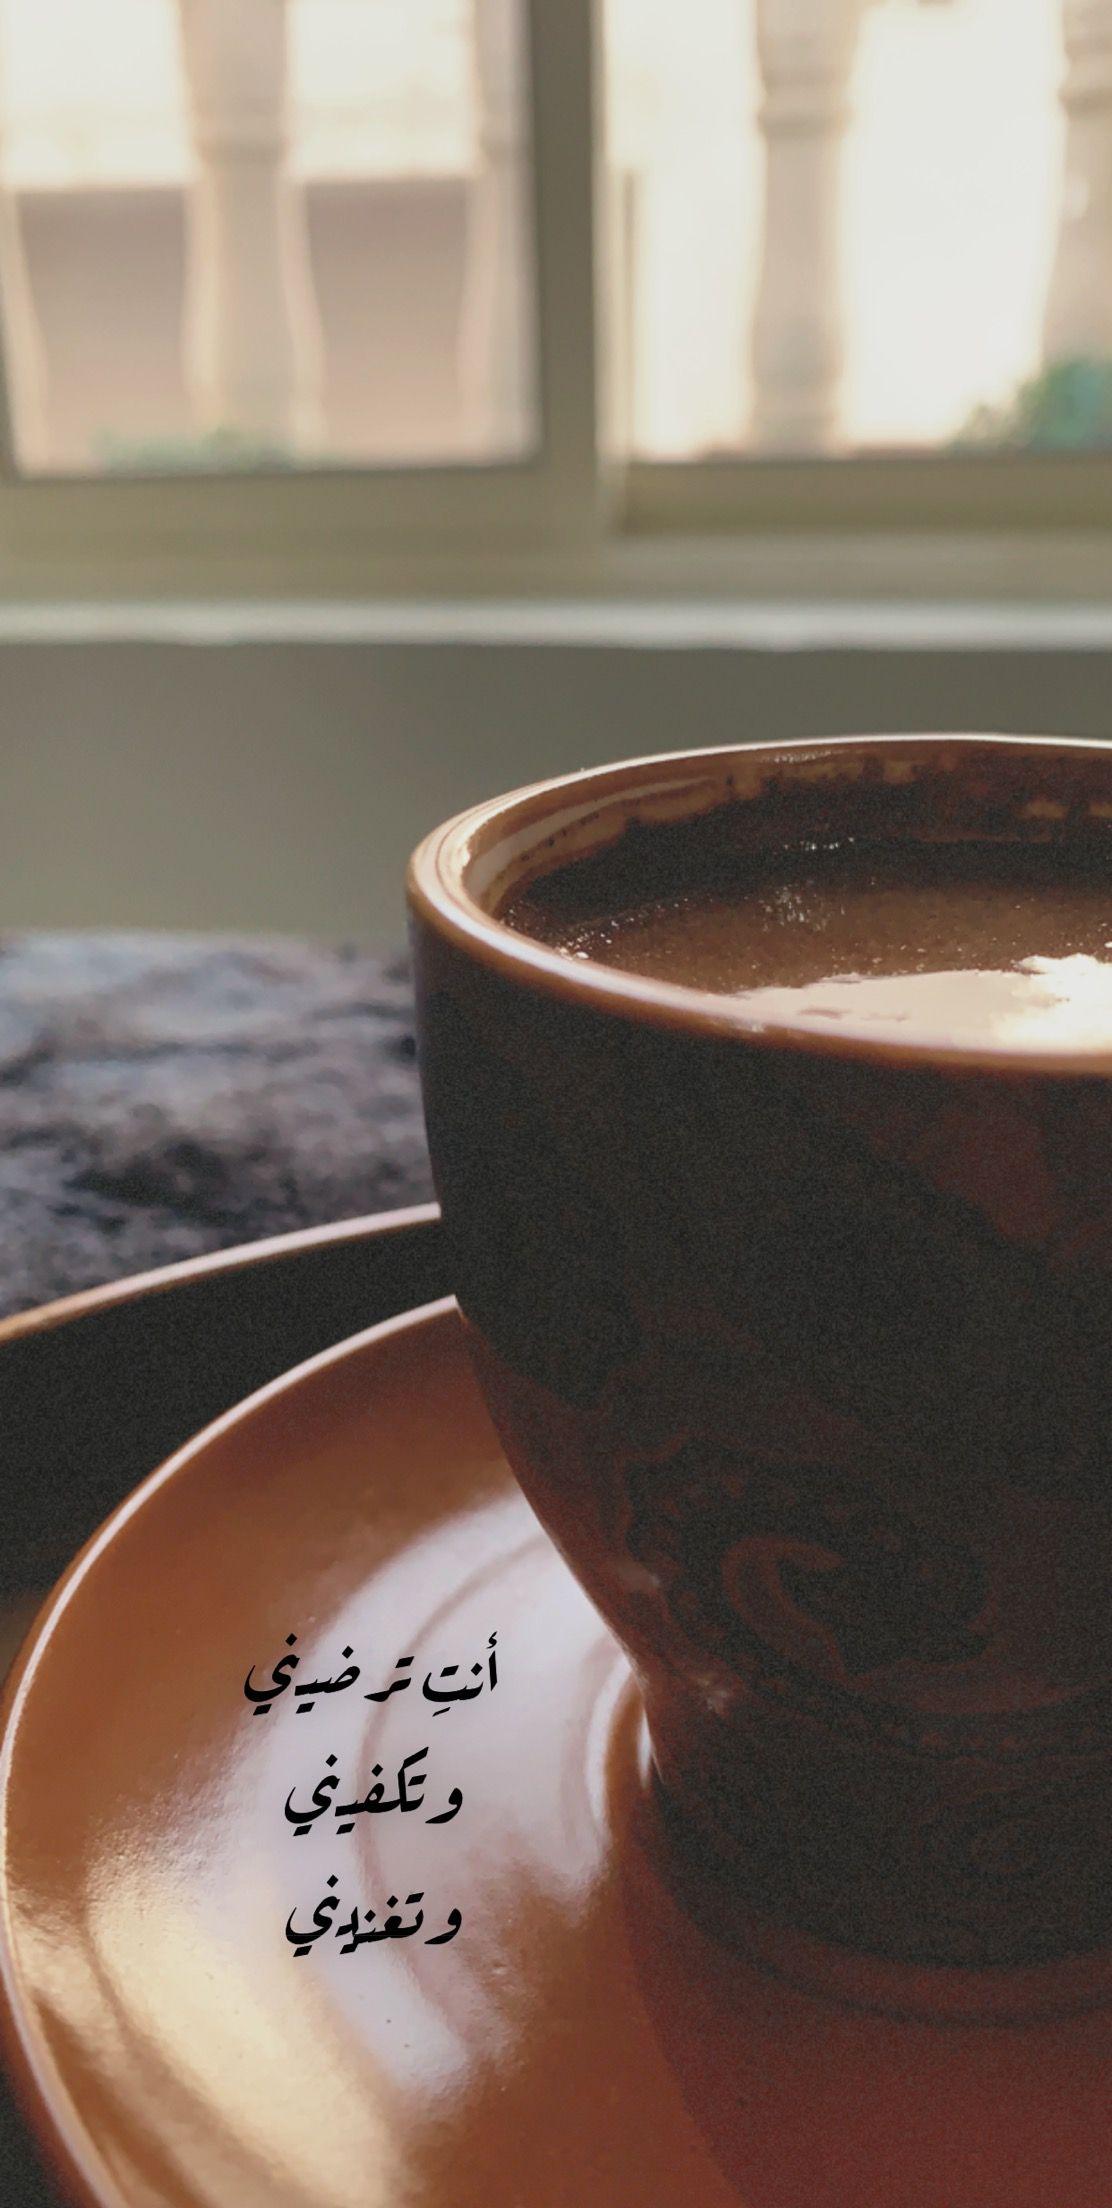 قهوه سنابات سنابات قهوه هدوء راحة مساء الخير منشن Relaxing Glassware Tableware